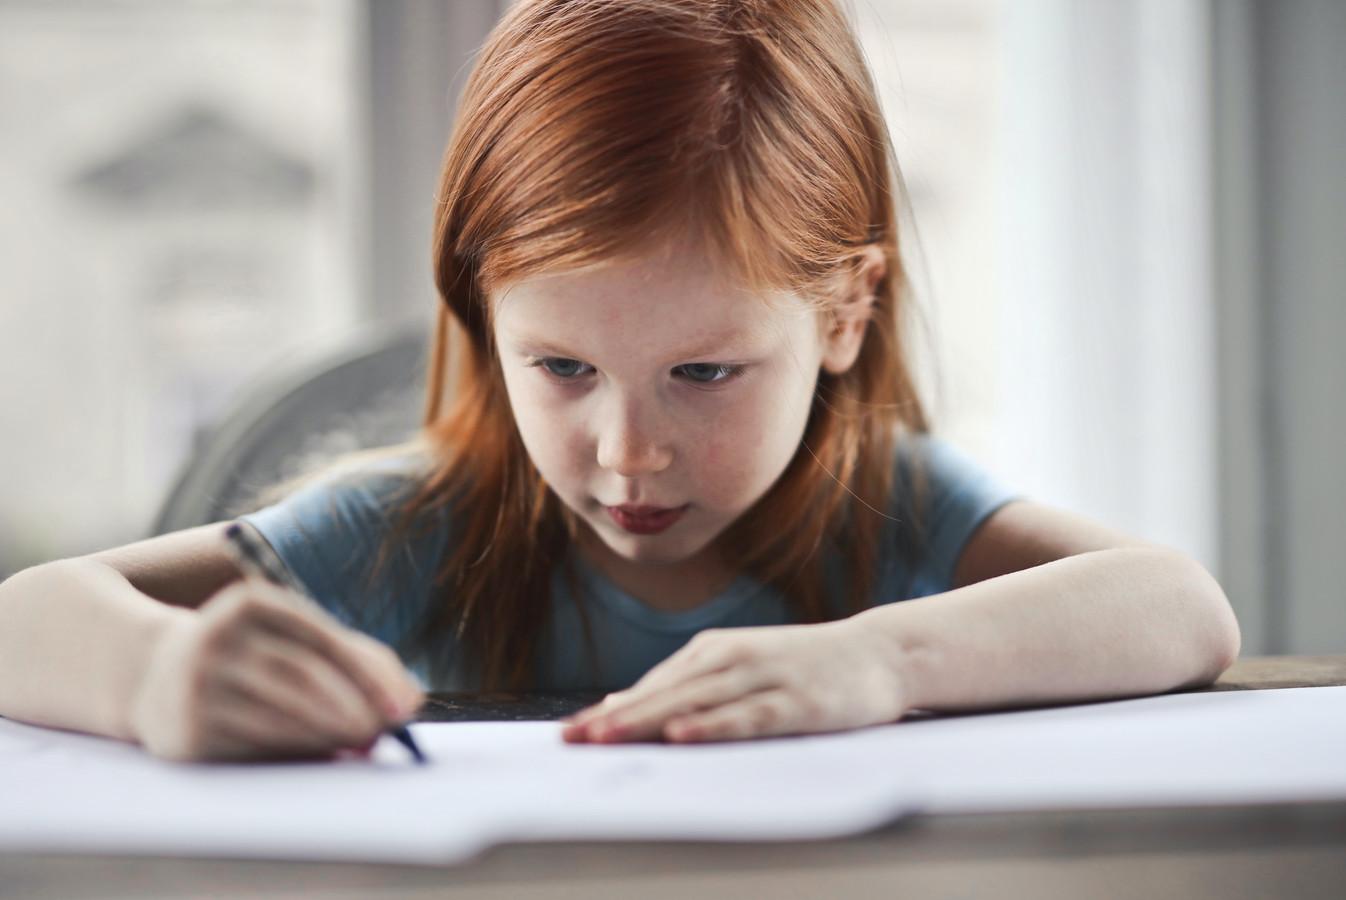 Het duurt gemiddeld een half jaar langer voor een kind goed kan schrijven.